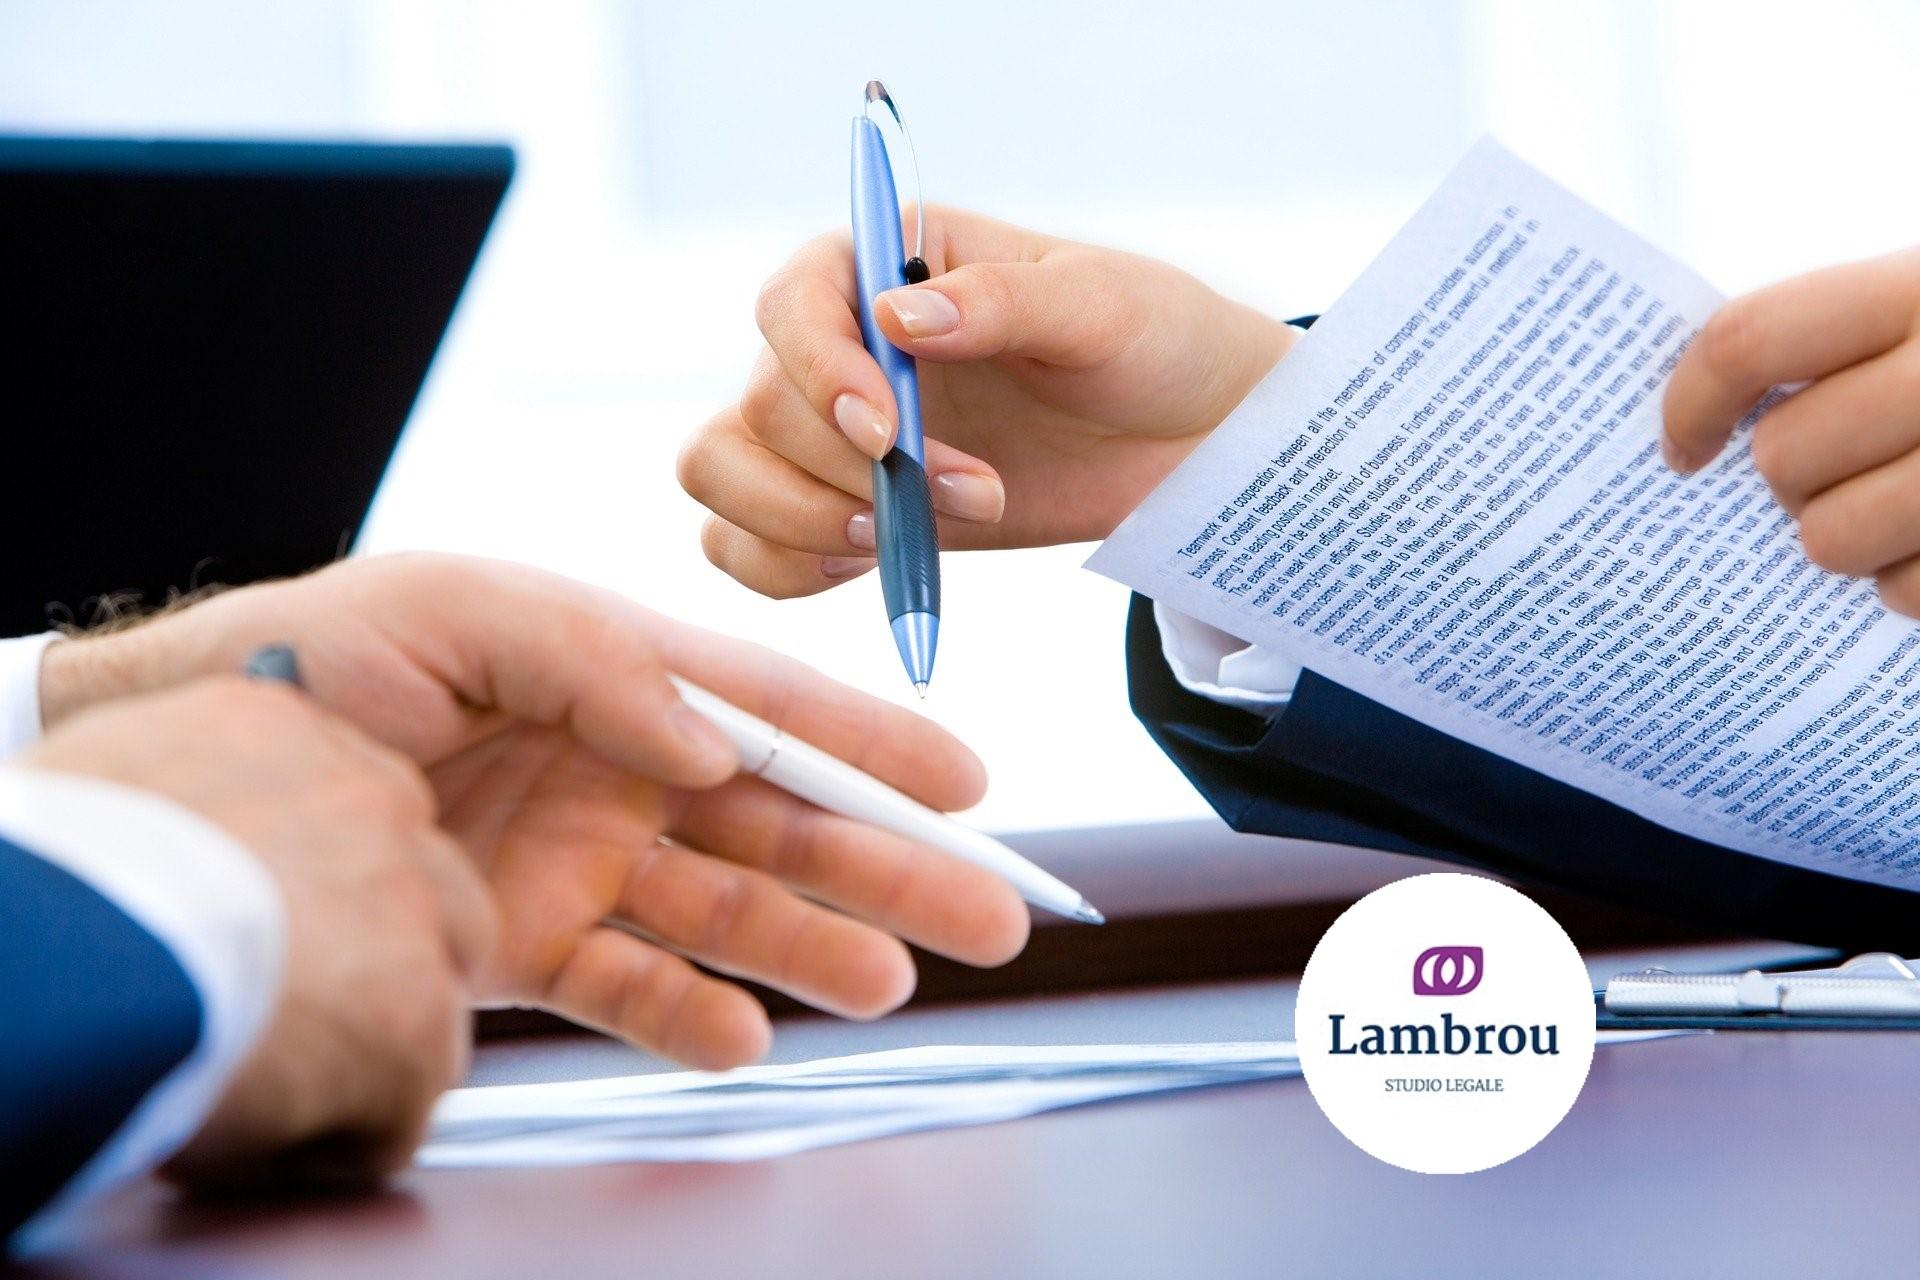 DIRITTO&PRATICA DEL LAVORO 44/2020 – CONTRATTI COLLETTIVI COMUNITARI: DISCIPLINA ED EFFICACIA – Avv. Monica Lambrou